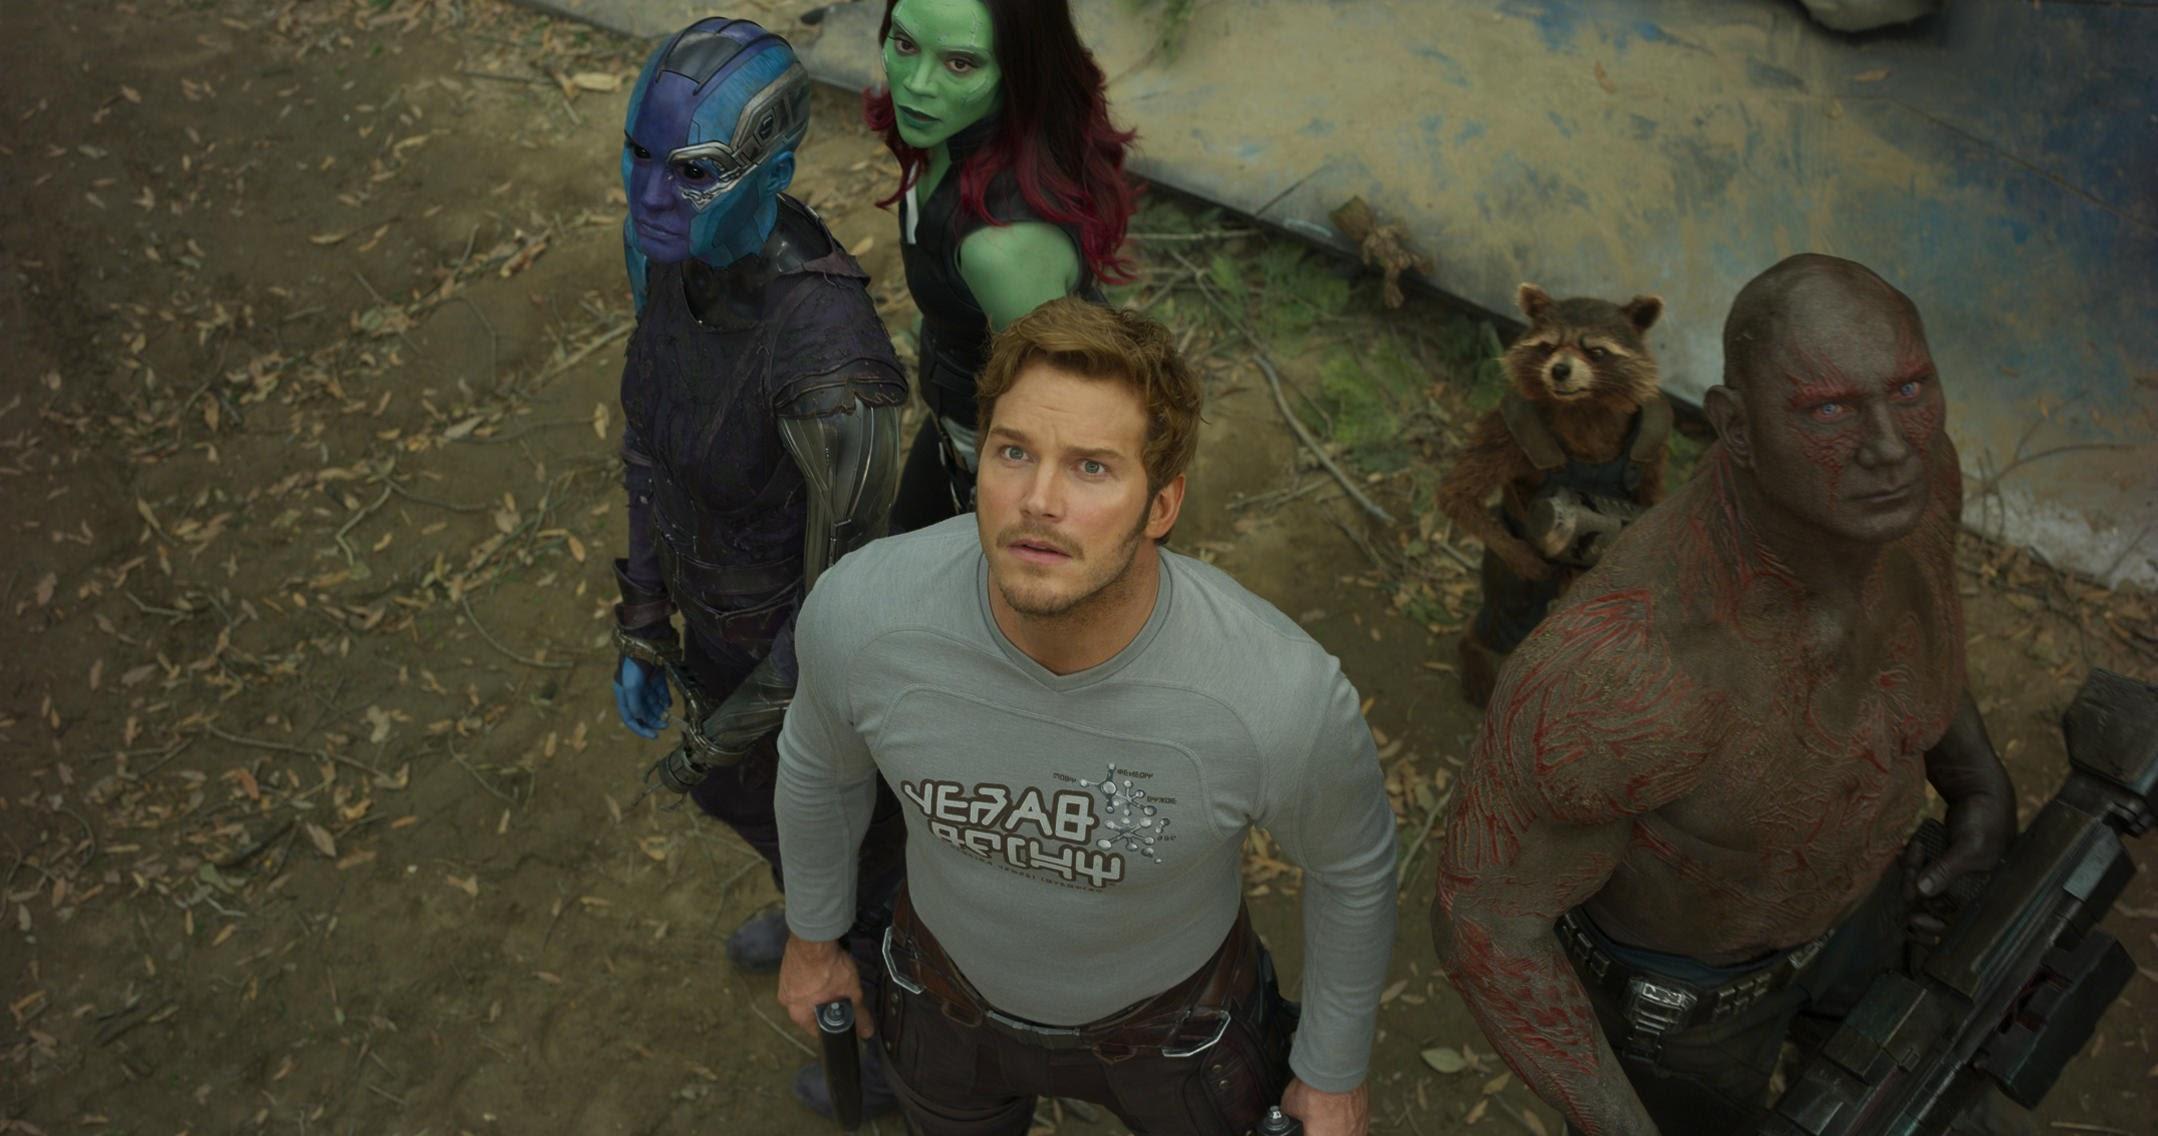 Guardians of the Galaxy Vol.3 : 不当解雇とファンが怒り心頭したジェームズ・ガン監督の後継者として、「ガーディアンズ・オブ・ザ・ギャラクシー Vol.3」のメガホンをとる新監督の名前が、ついに浮上 ! !